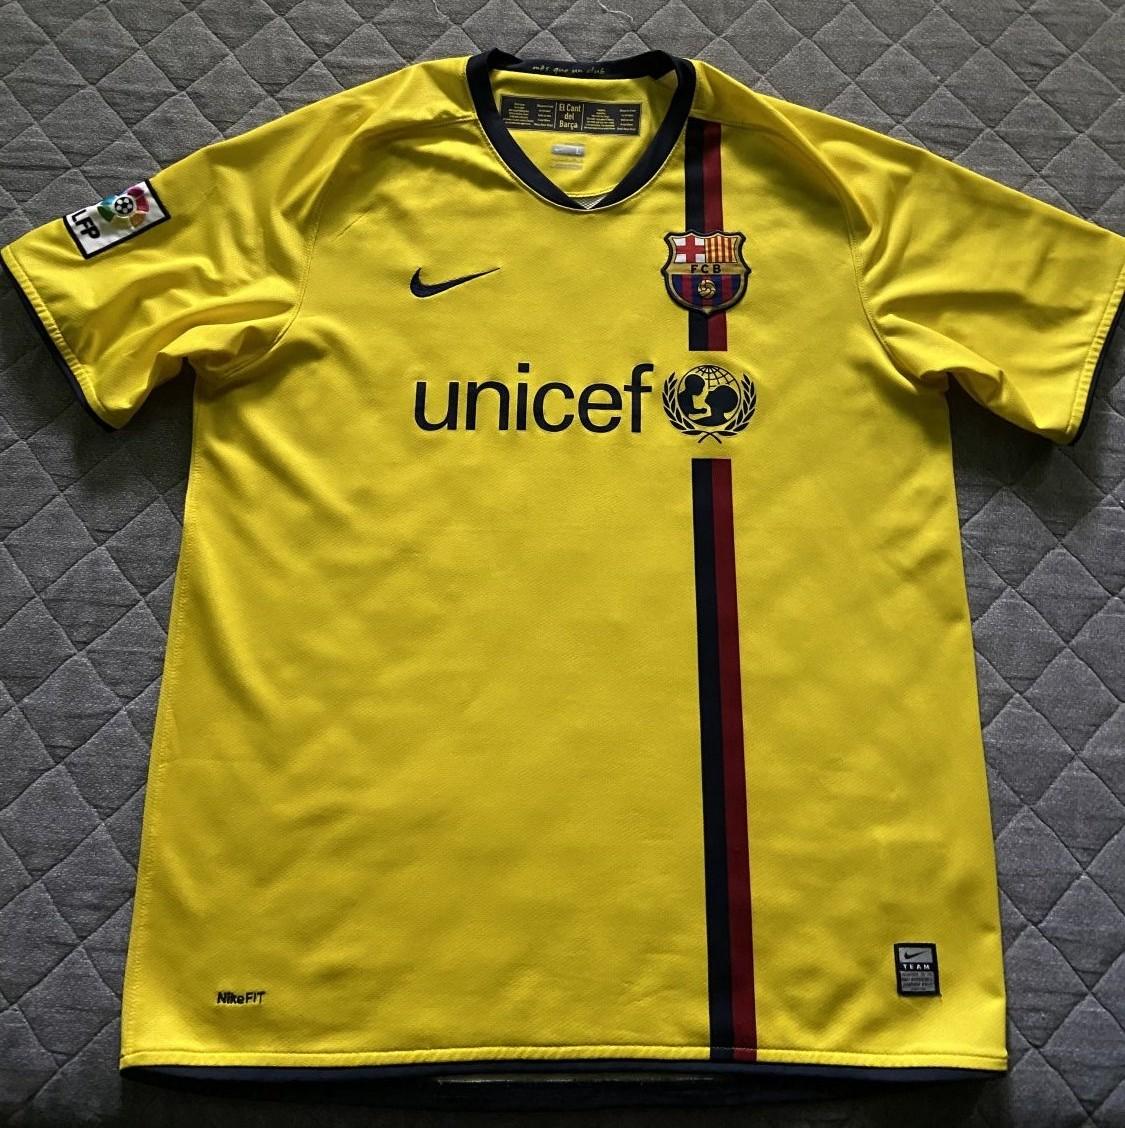 outlet store 68e37 4d25b Barcelona Away football shirt 2008 - 2009.